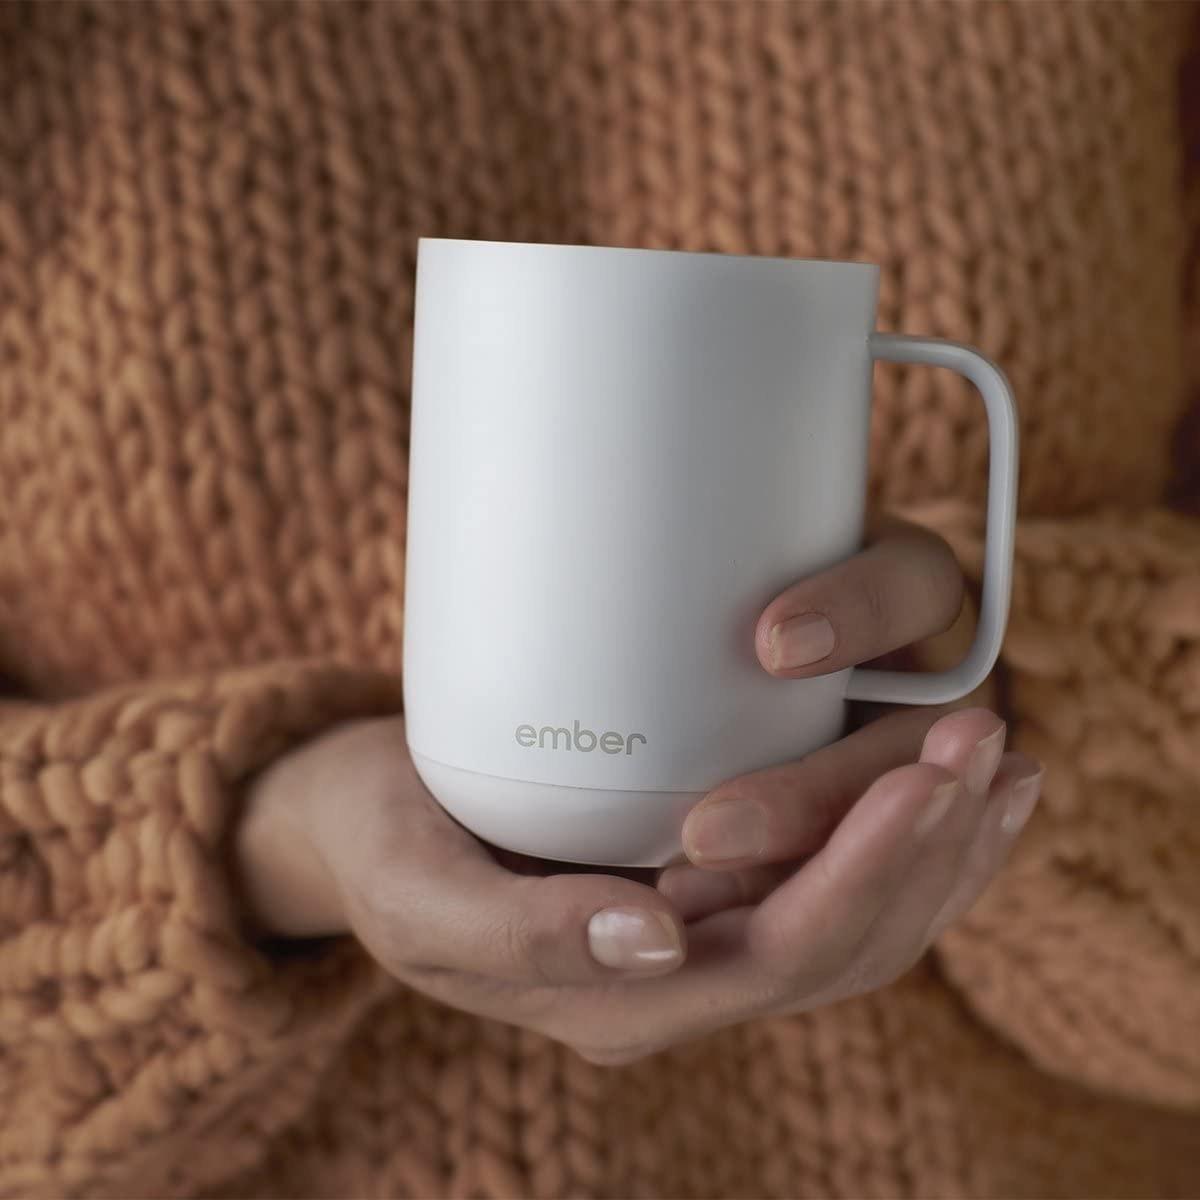 A person holding a ceramic mug